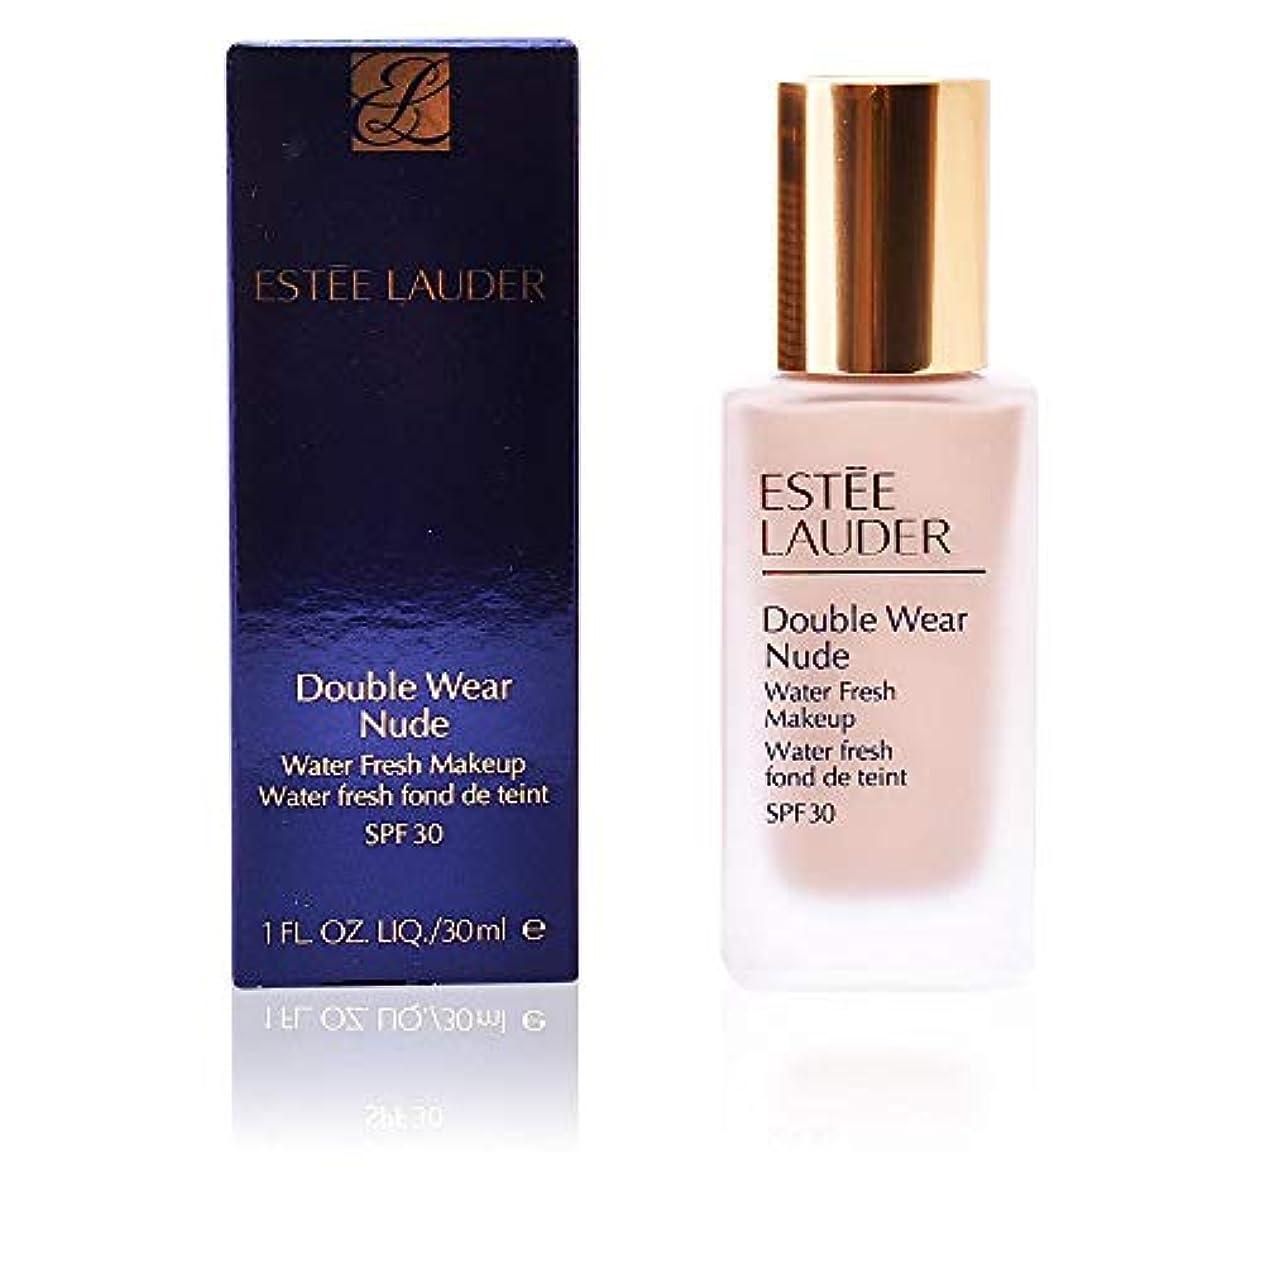 郡鋸歯状カートエスティローダー Double Wear Nude Water Fresh Makeup SPF 30 - # 2C2 Pale Almond 30ml/1oz並行輸入品